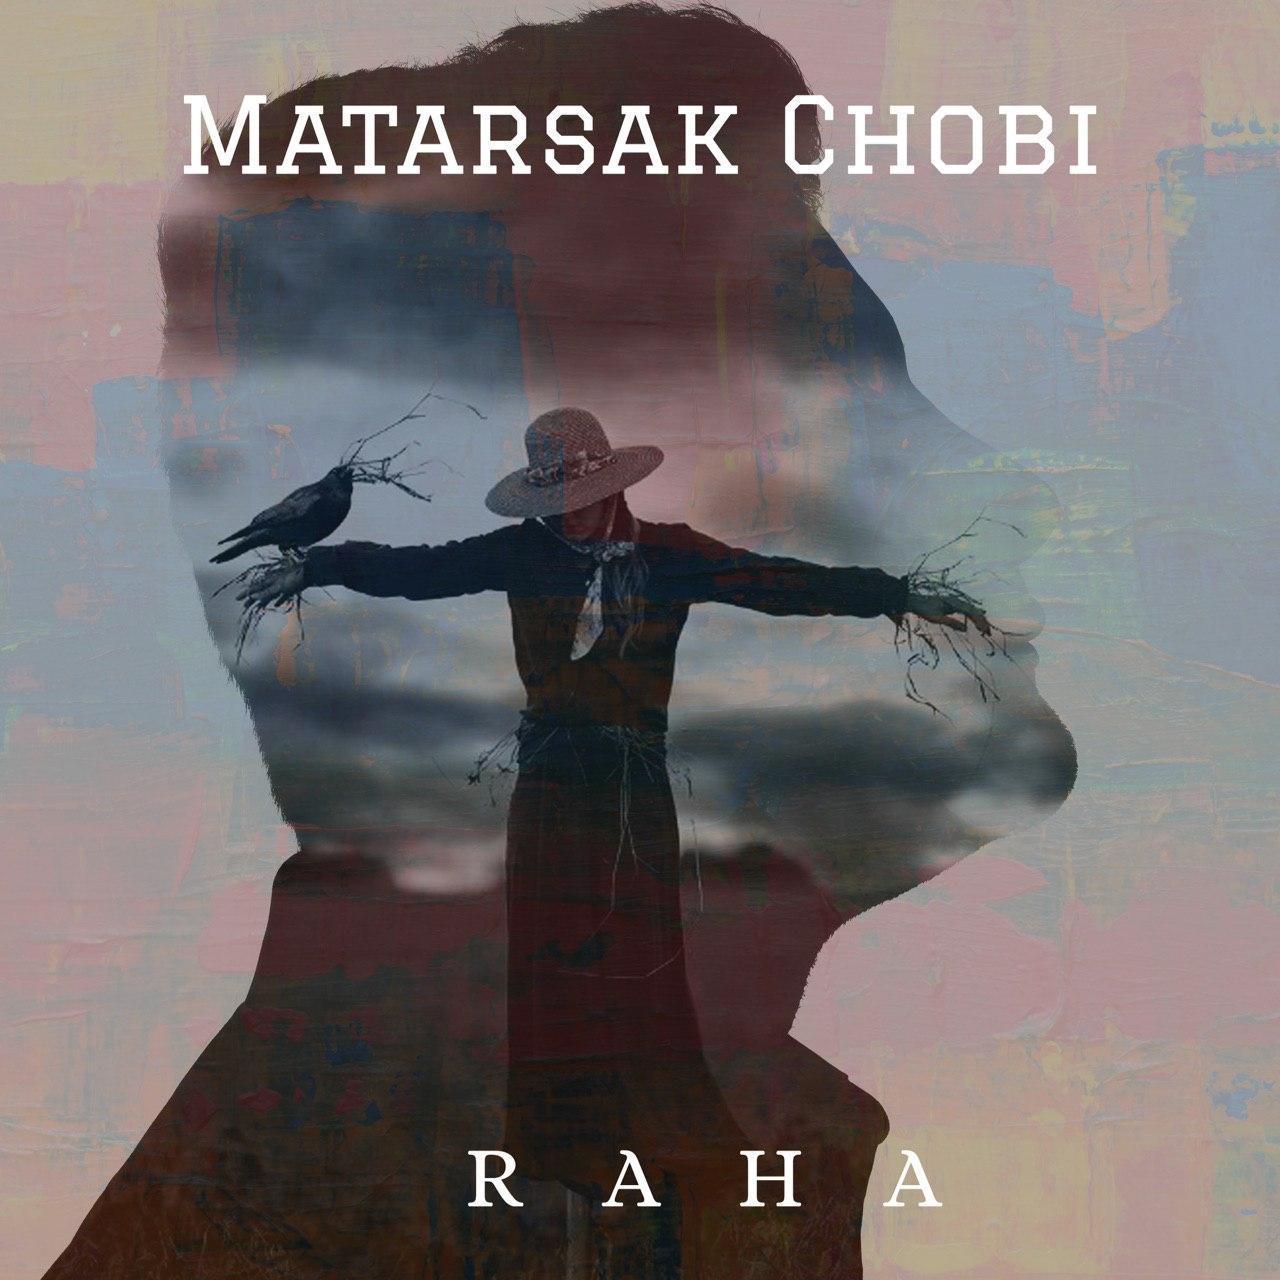 Raha – Matarsak Chobi